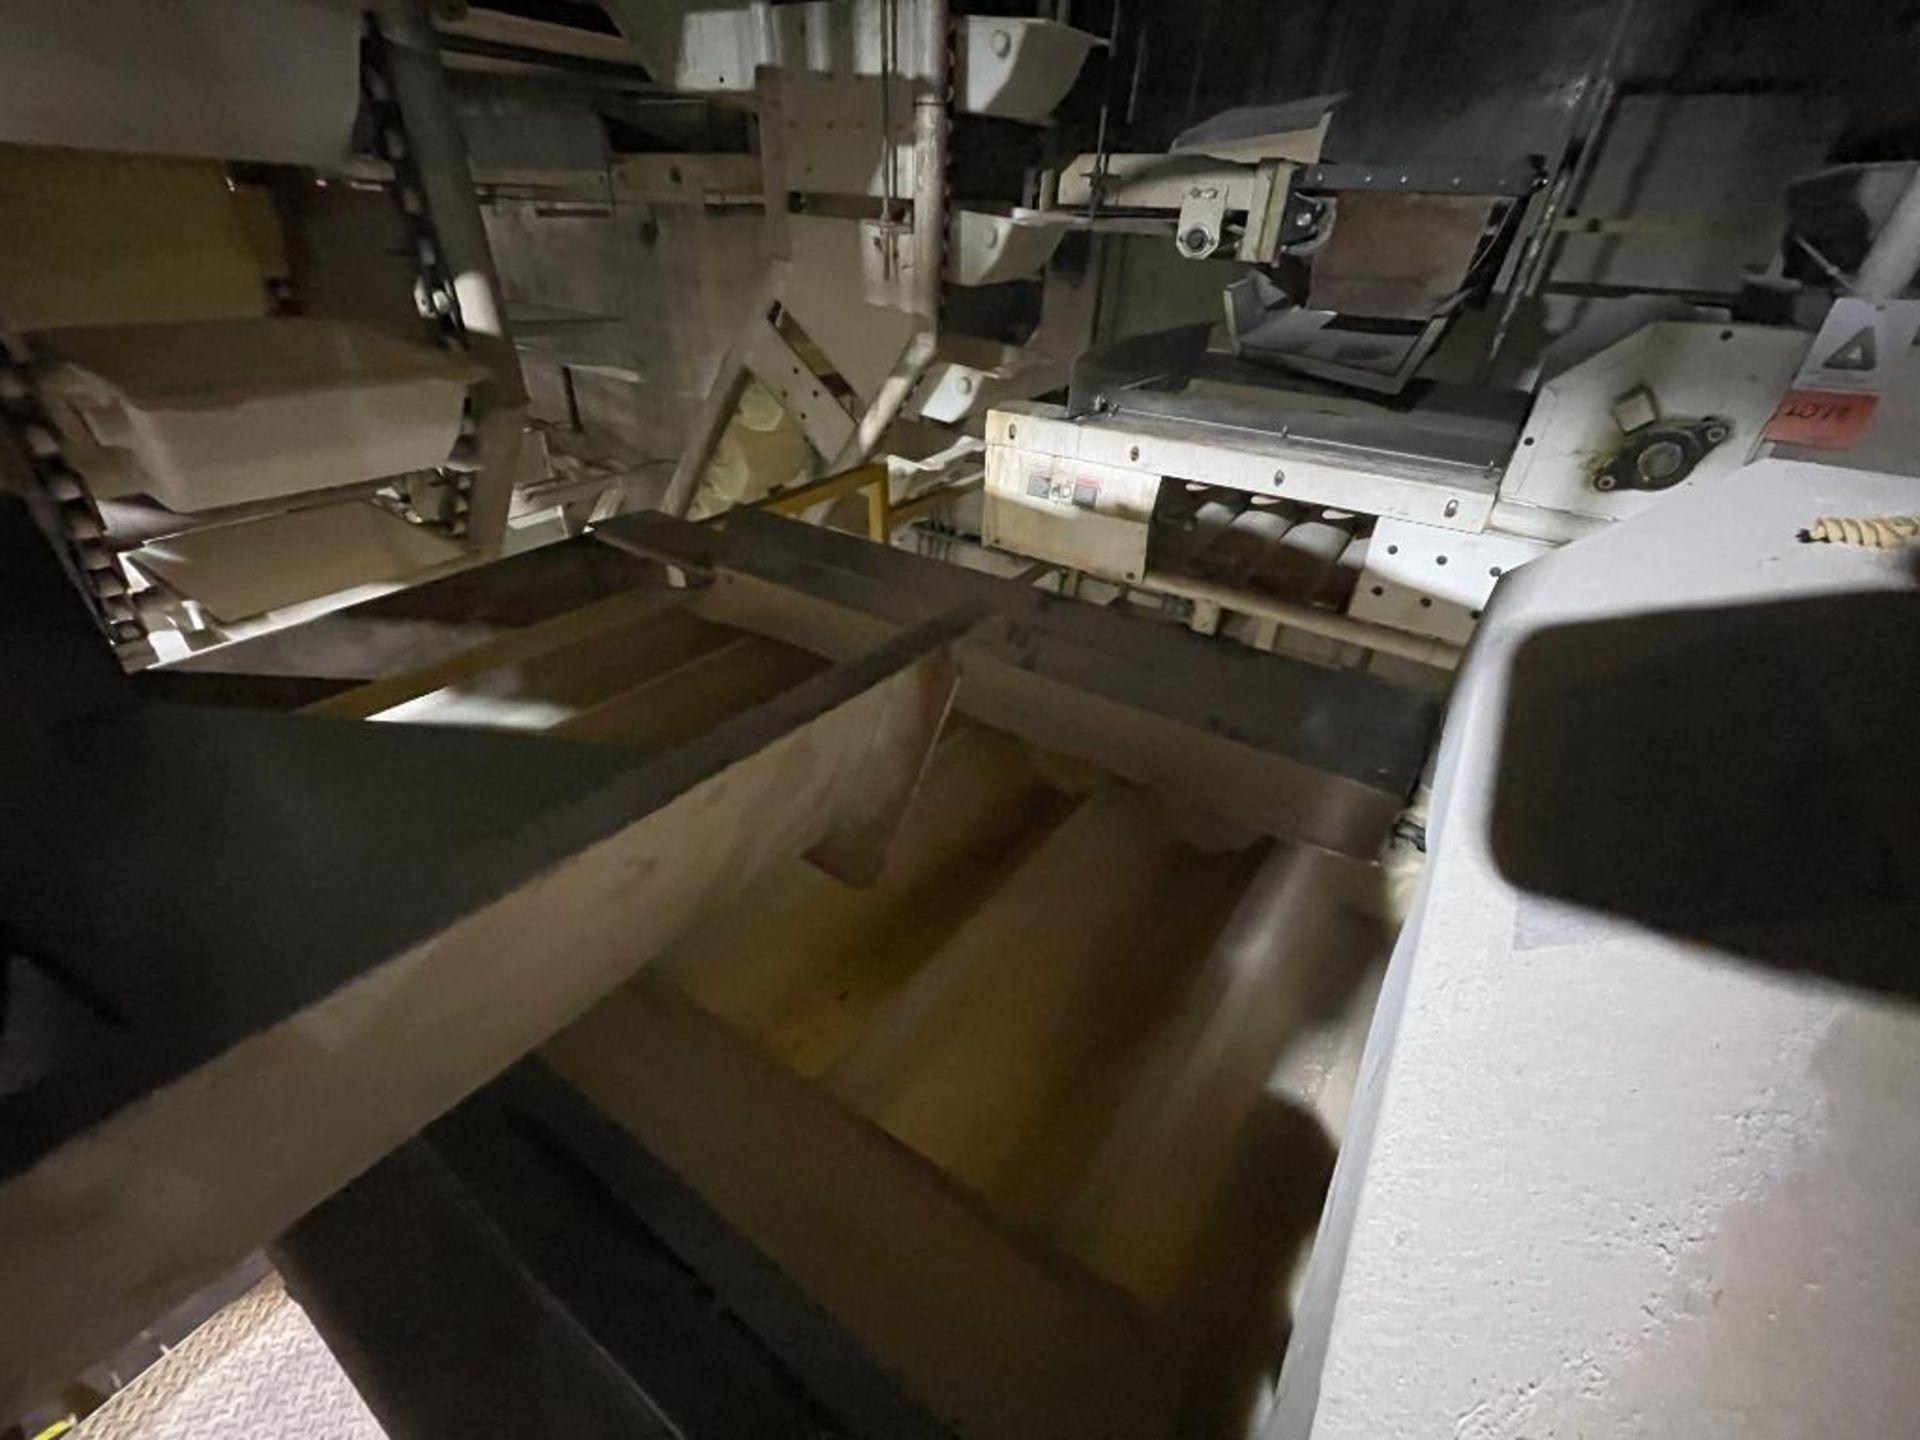 Aseeco horizontal overlapping bucket elevator - Image 4 of 13